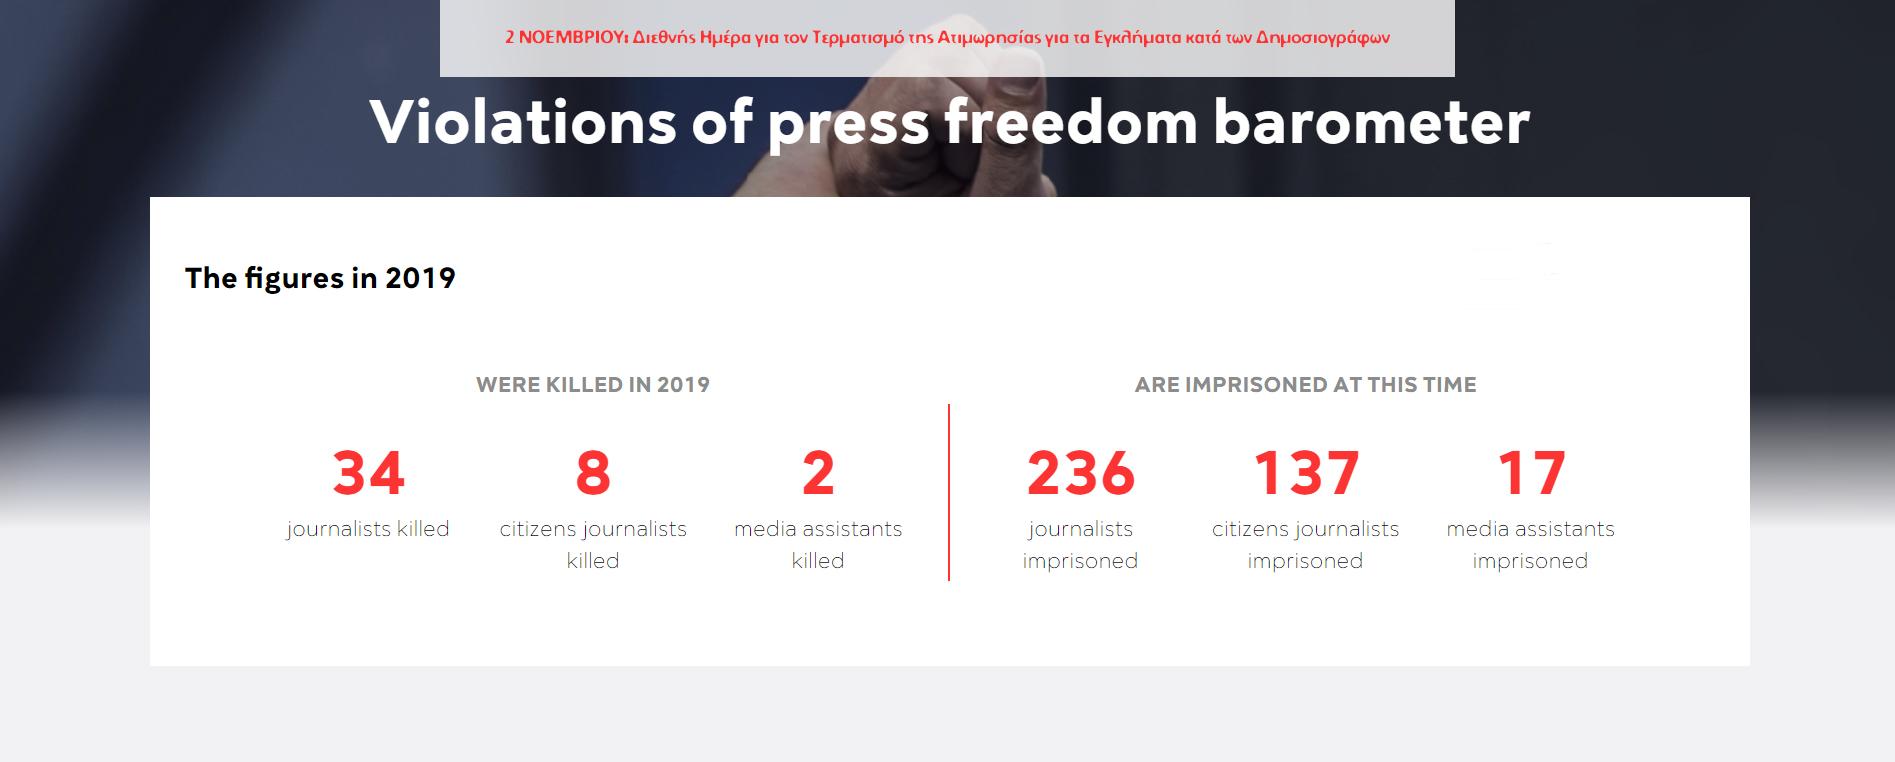 Διεθνής Ημέρα για τον Τερματισμό της Ατιμωρησίας για τα Εγκλήματα κατά των Δημοσιογράφων